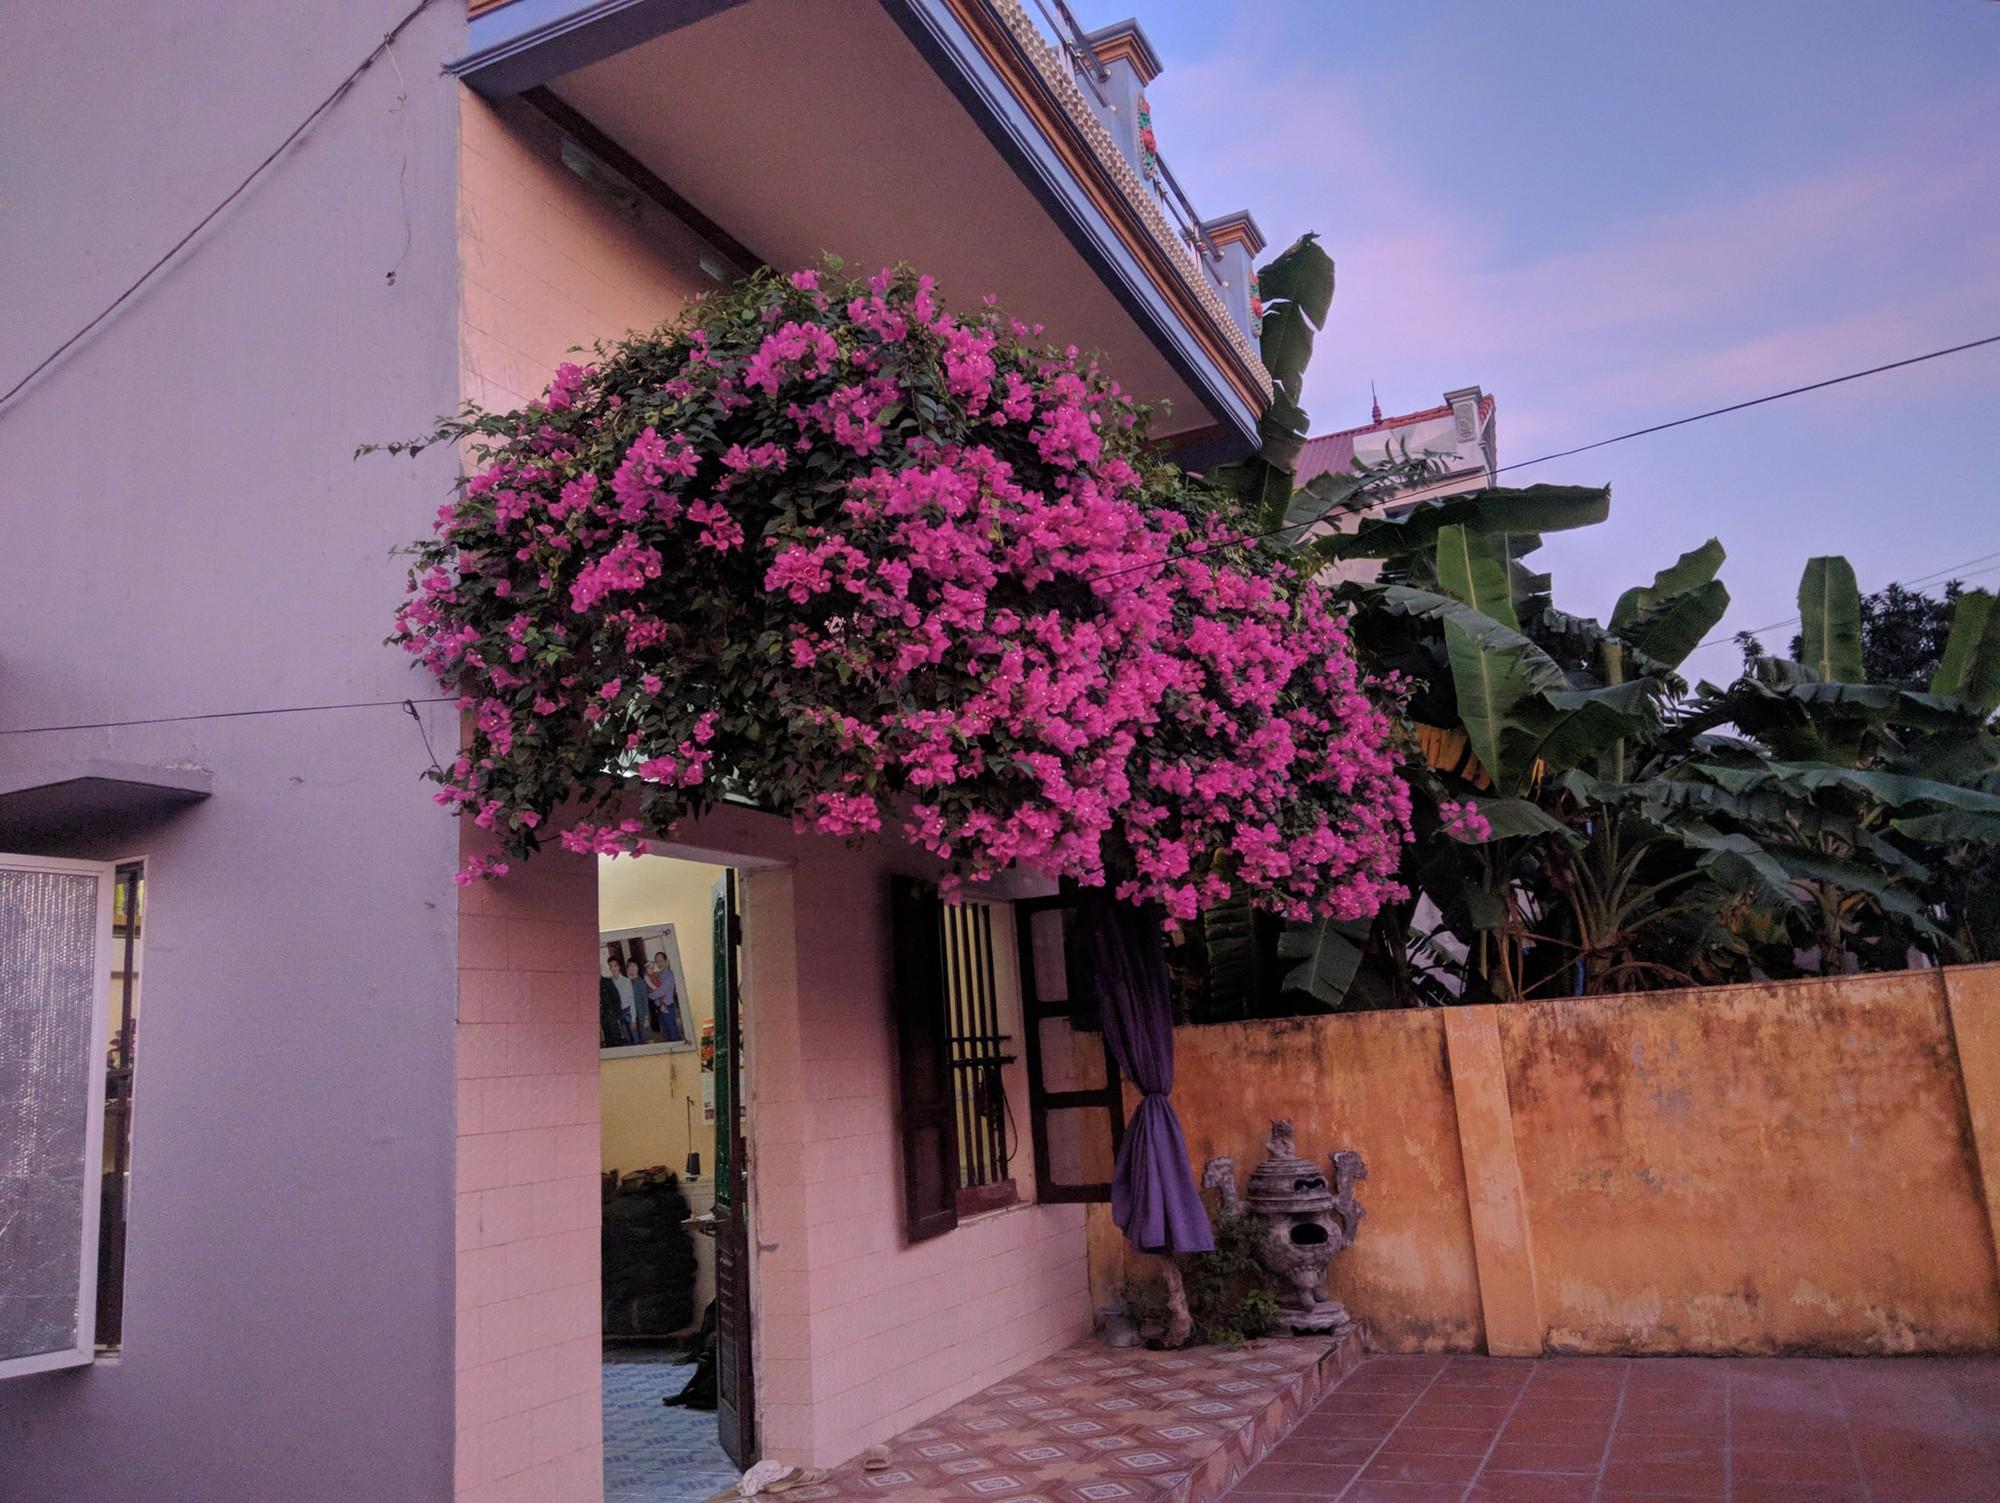 Thanh niên khoe căn nhà xinh có giàn hoa giấy 20 năm tuổi đẹp nức lòng cư dân mạng - Ảnh 2.